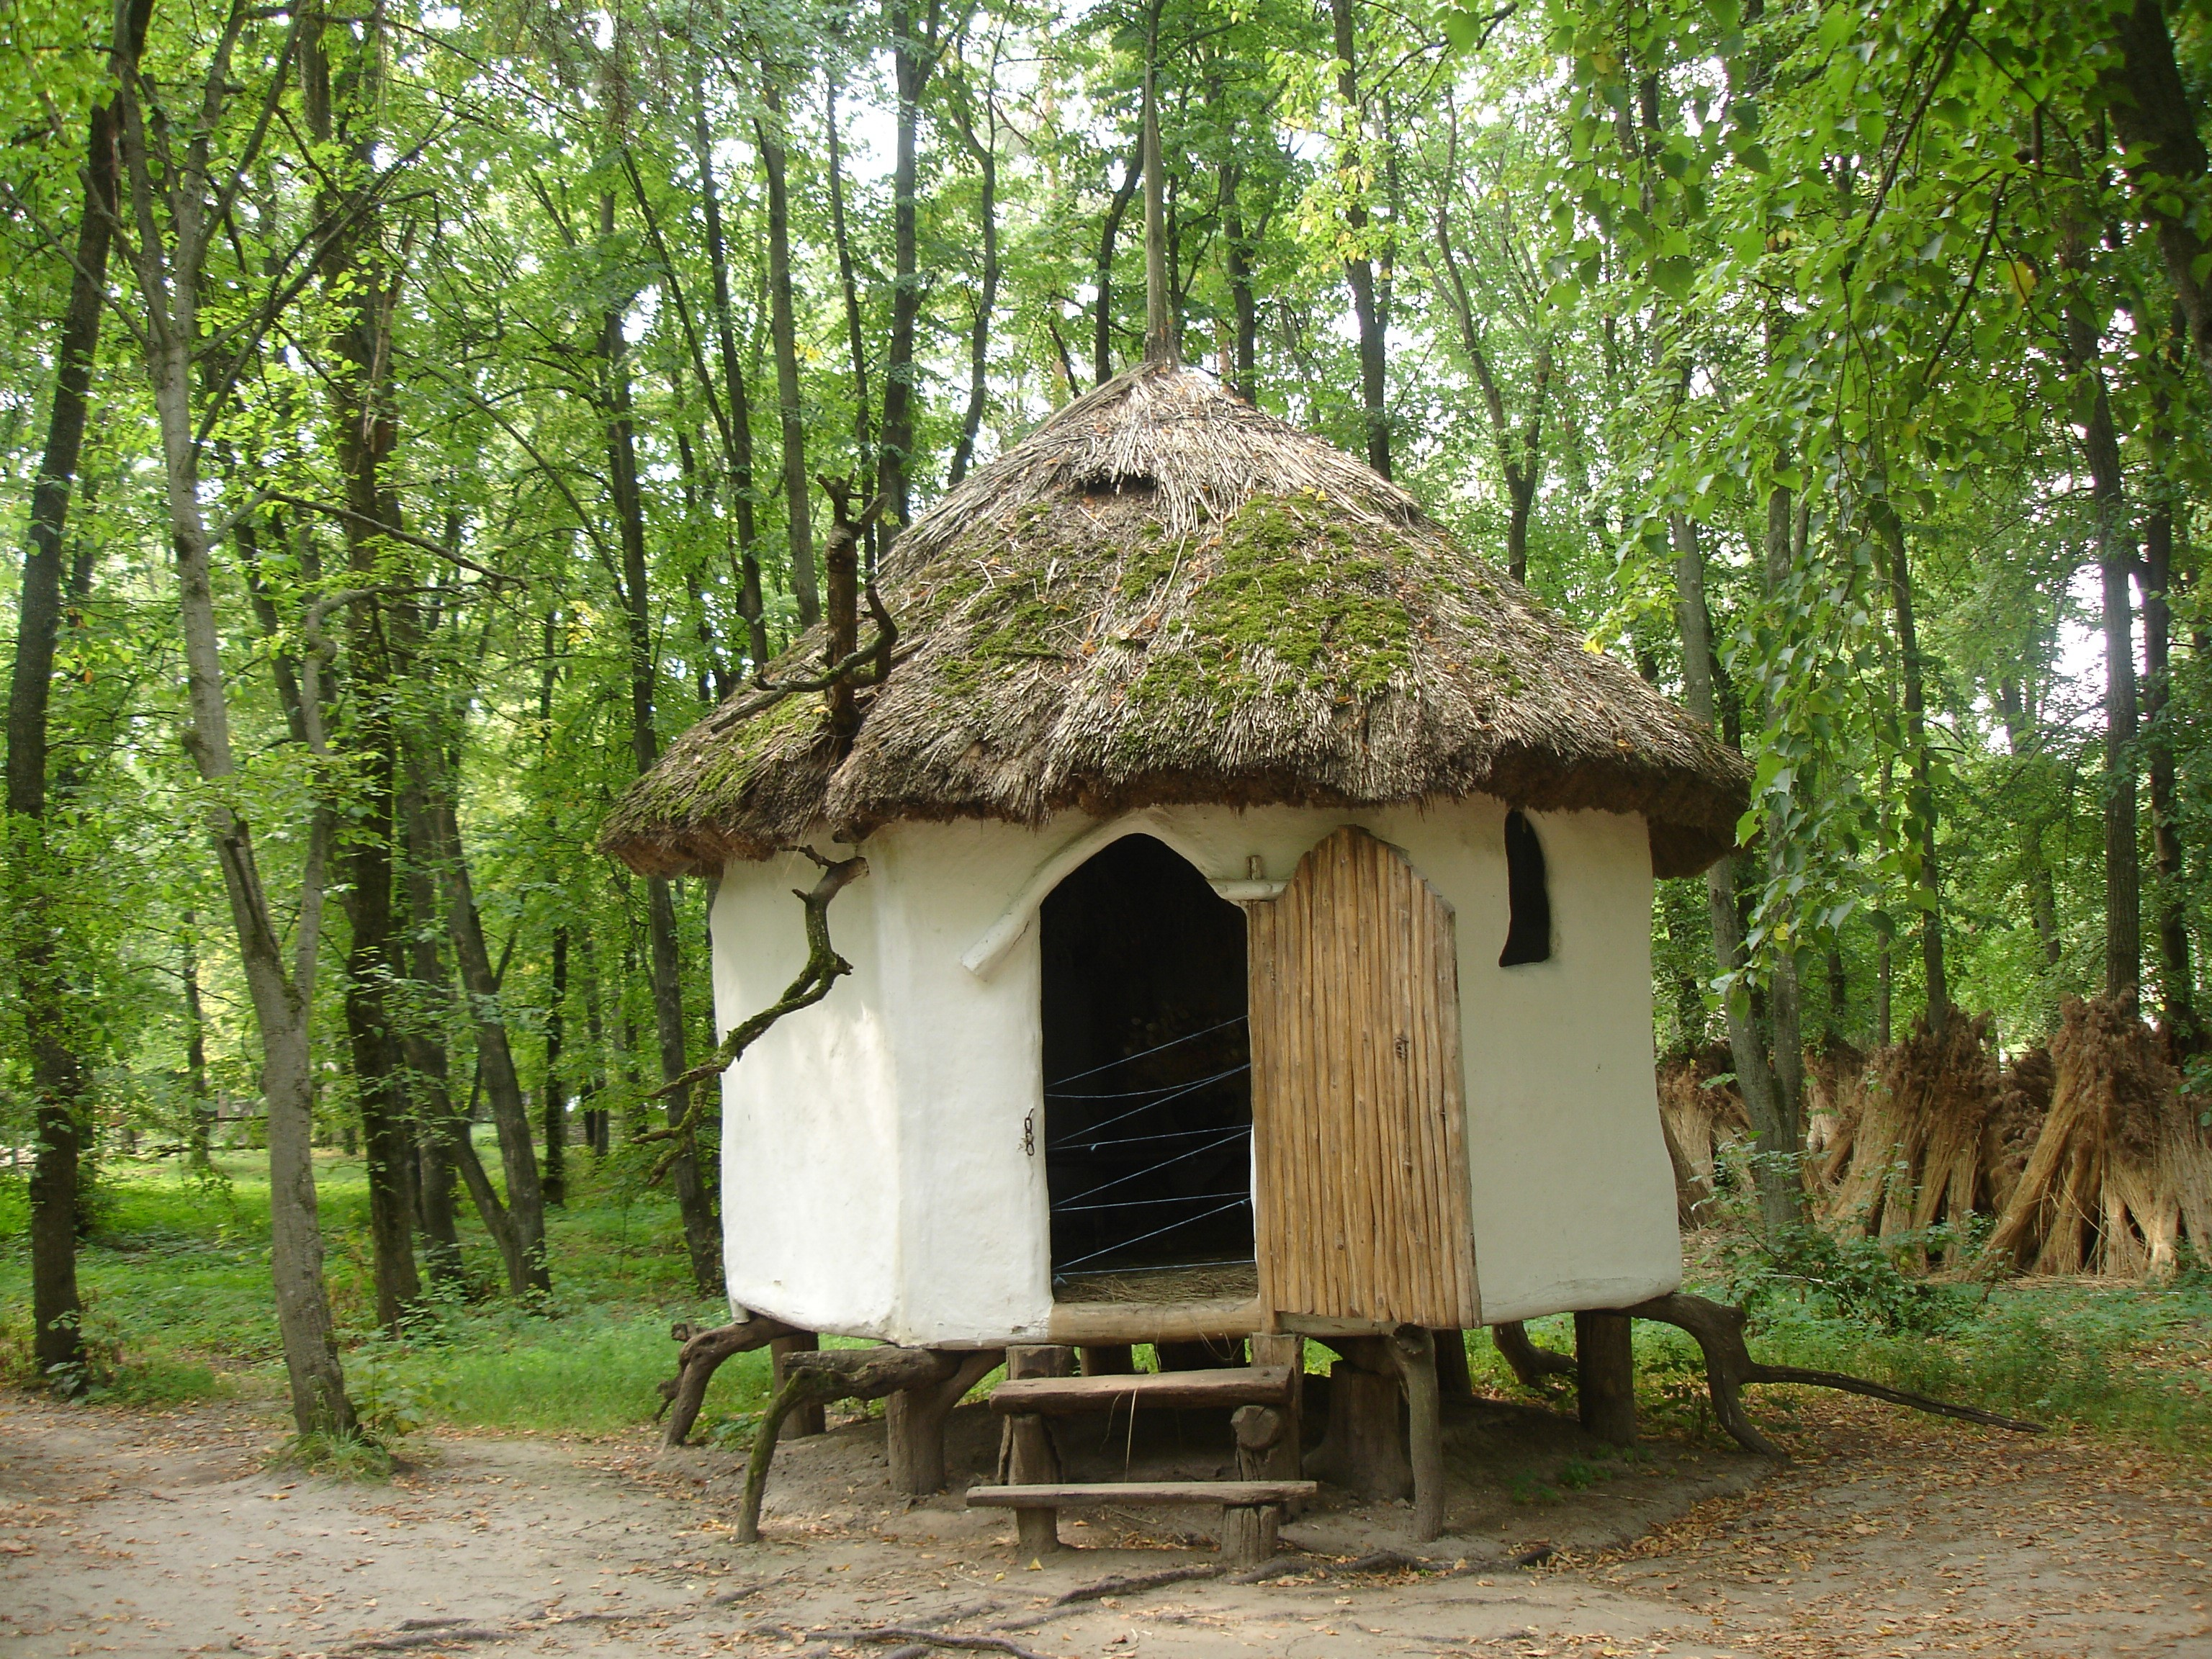 Типи українського житла, представлені в Музеї народної архітектури та побуту Середньої Наддніпрянщини